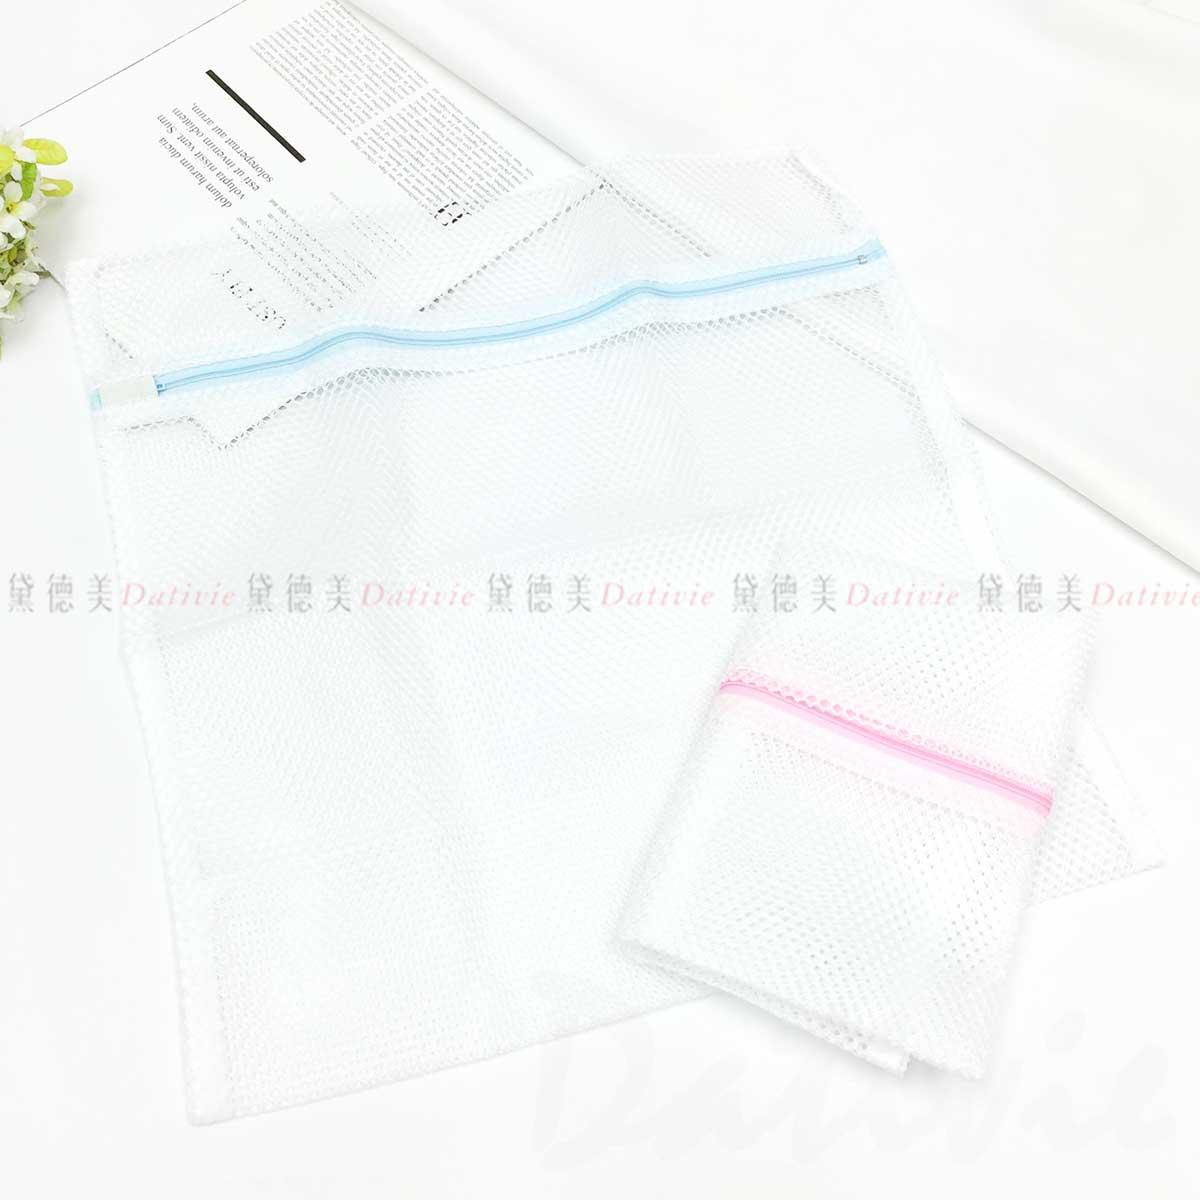 角型洗衣袋 40x50cm 2入-Softly Laundry 小久保工業所 KOKUBO 日本進口正版授權